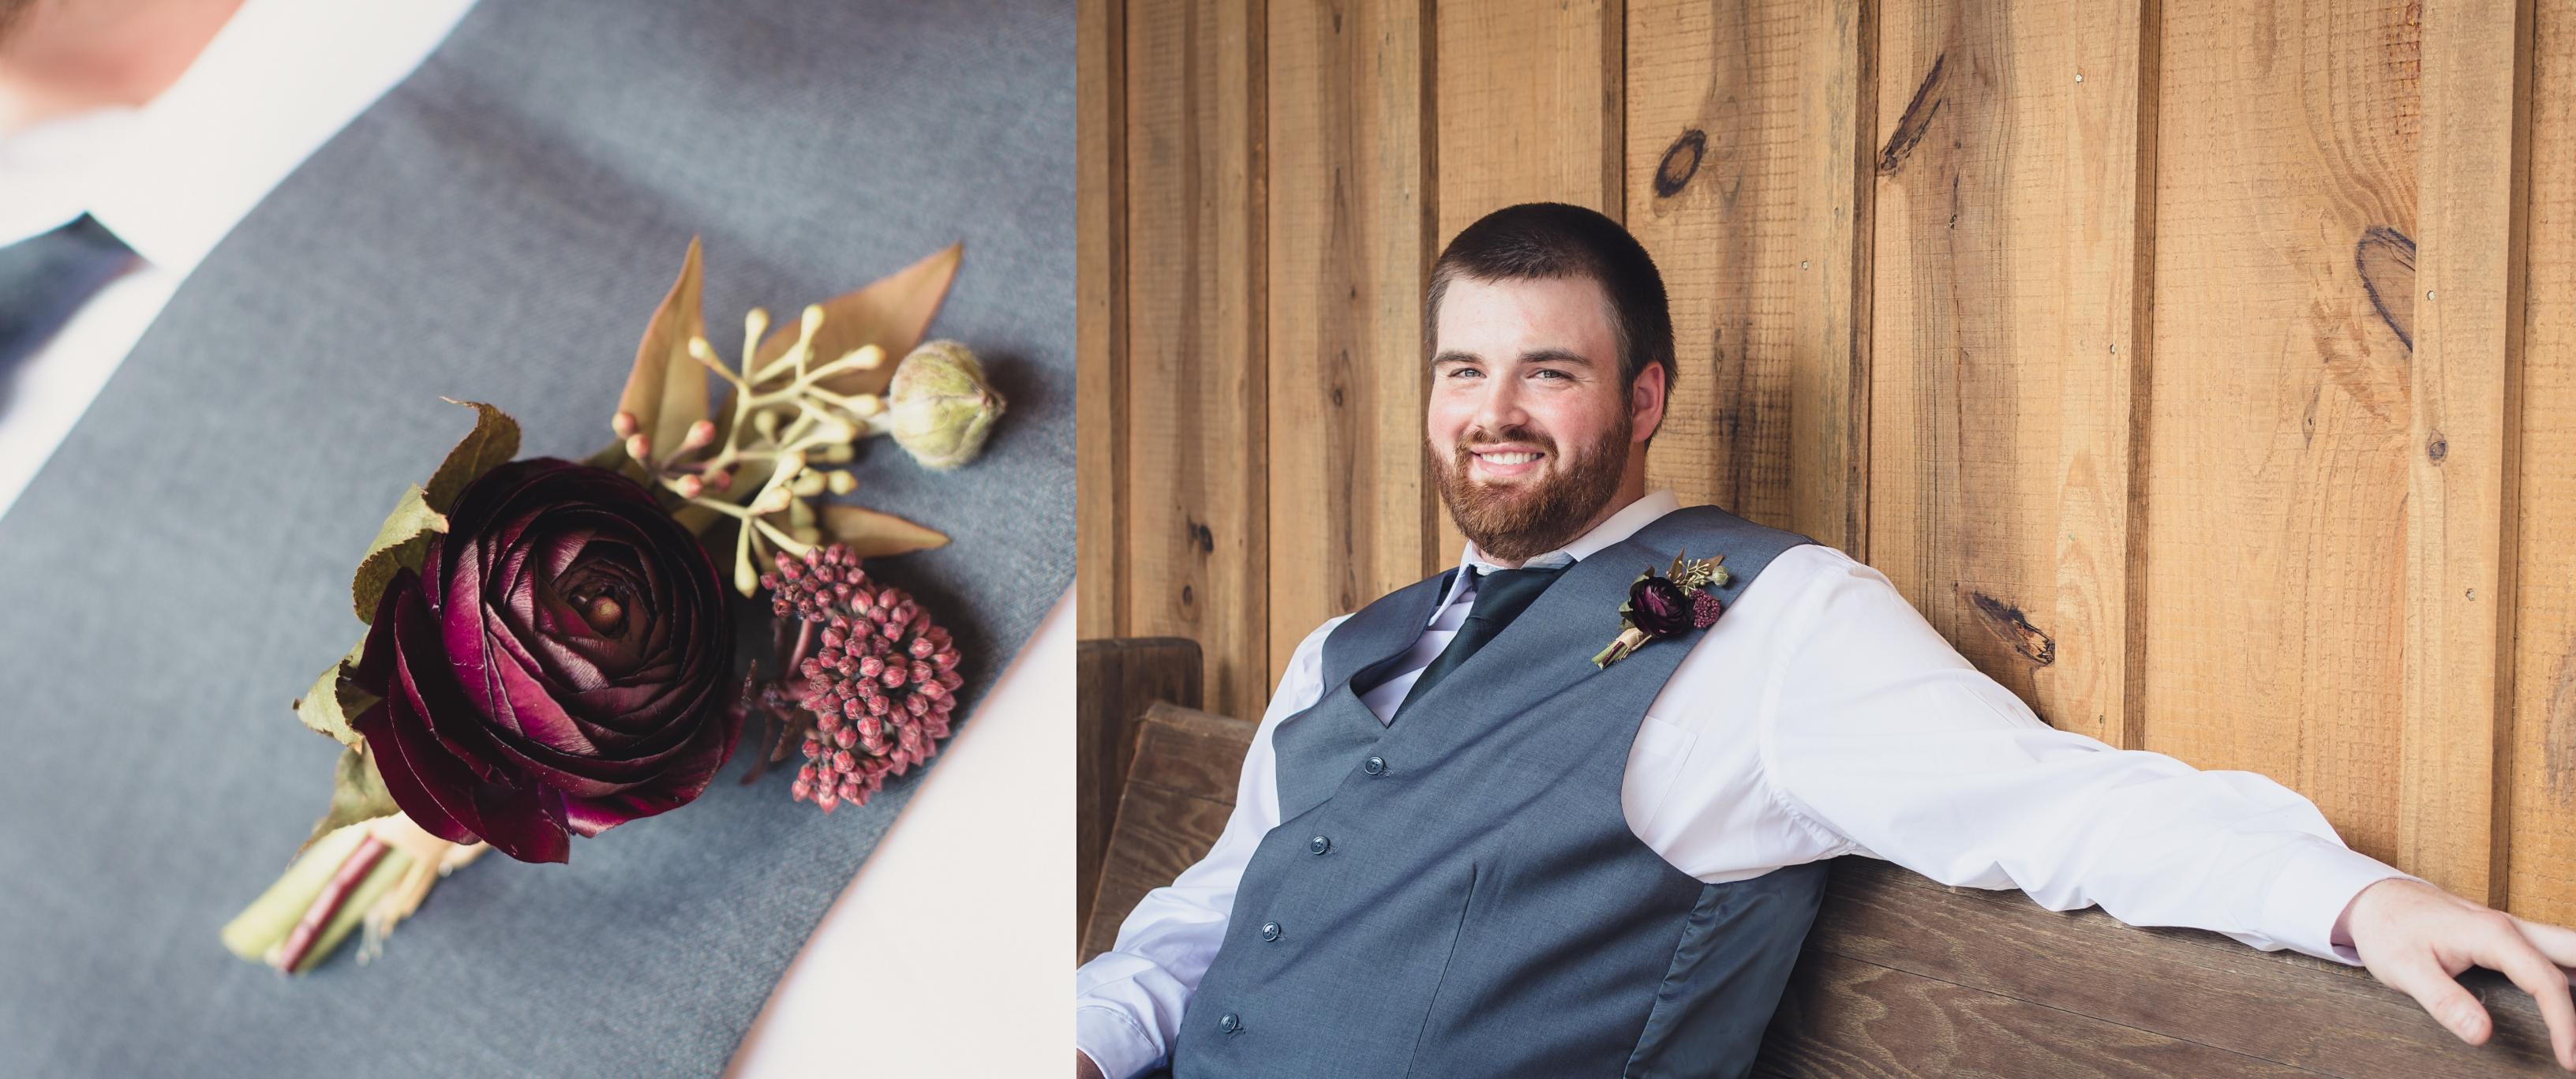 ©CaptureThirteenPhotography 2020 Pleasant Union Farm Butcher Wed